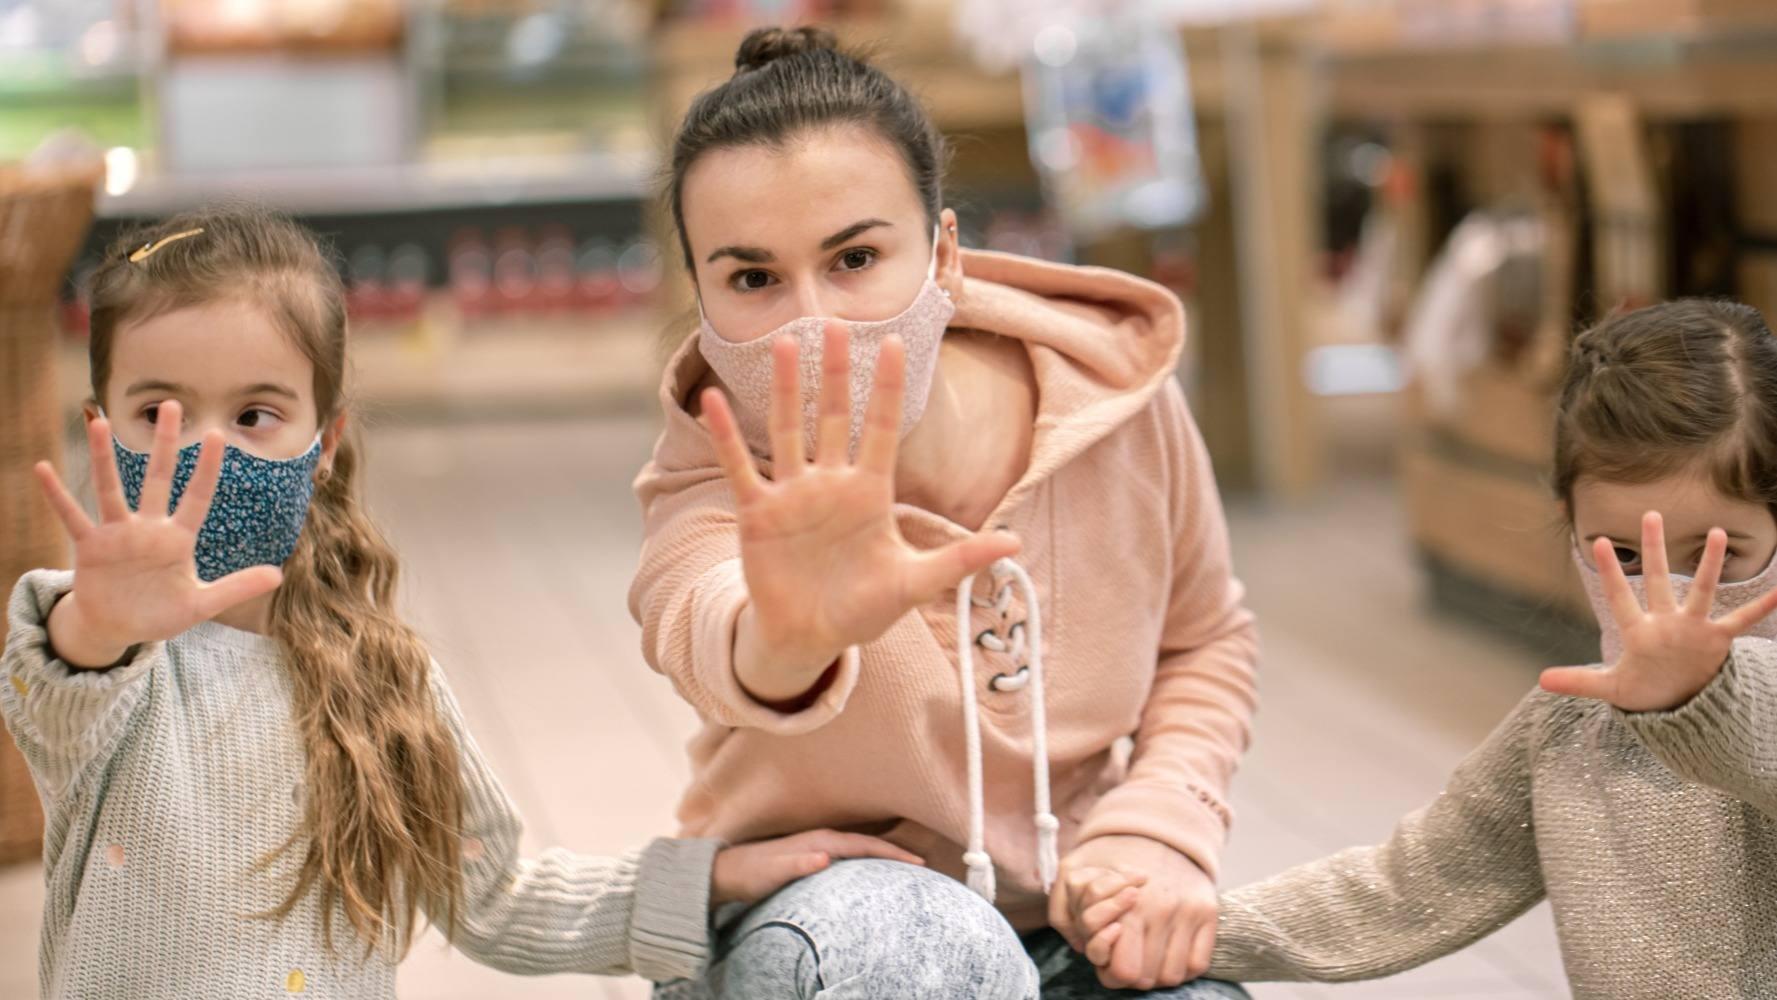 В Роспотребнадзоре объяснили, почему отказ обслуживать посетителей без масок в торговых объектах не является нарушением прав потребителей